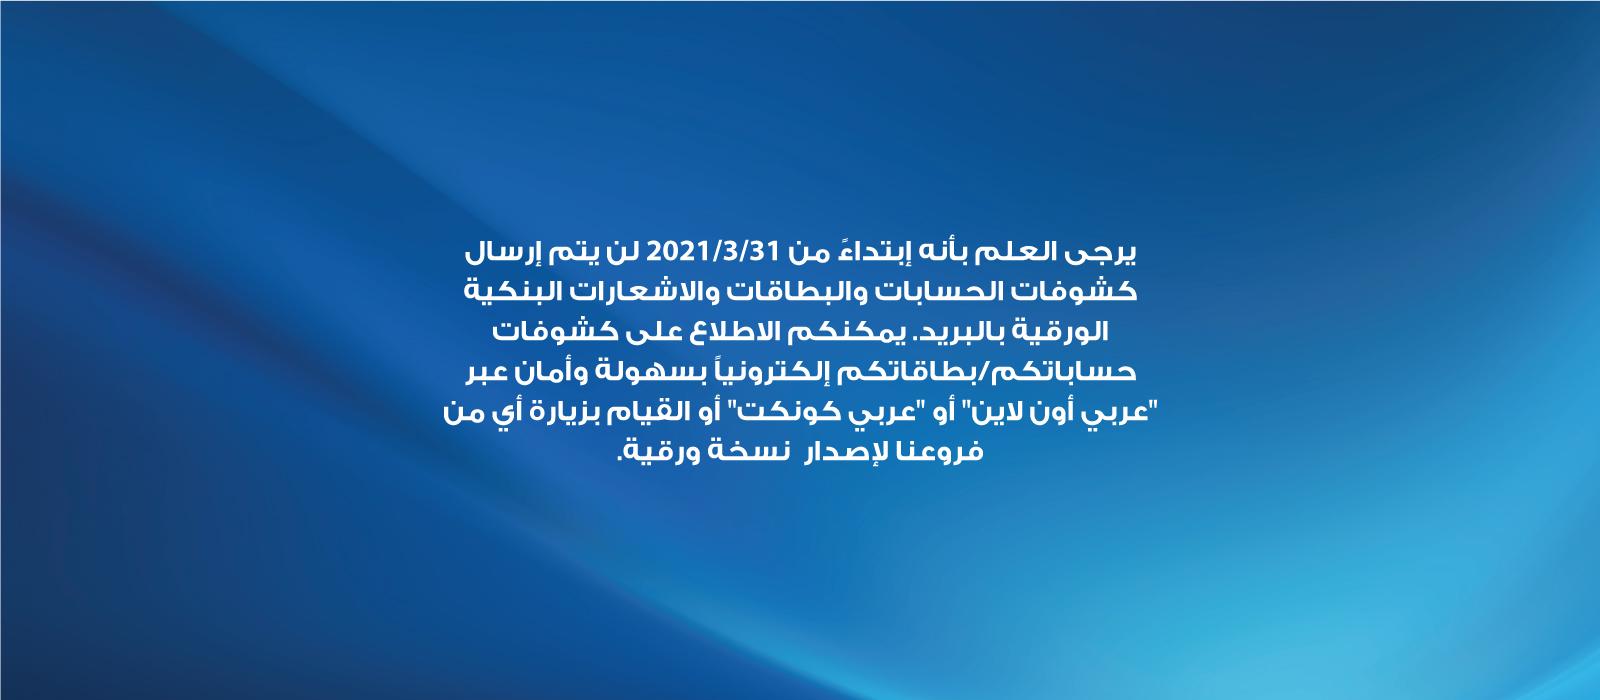 Website-banner-1600x700-Bahrain-amend2-A